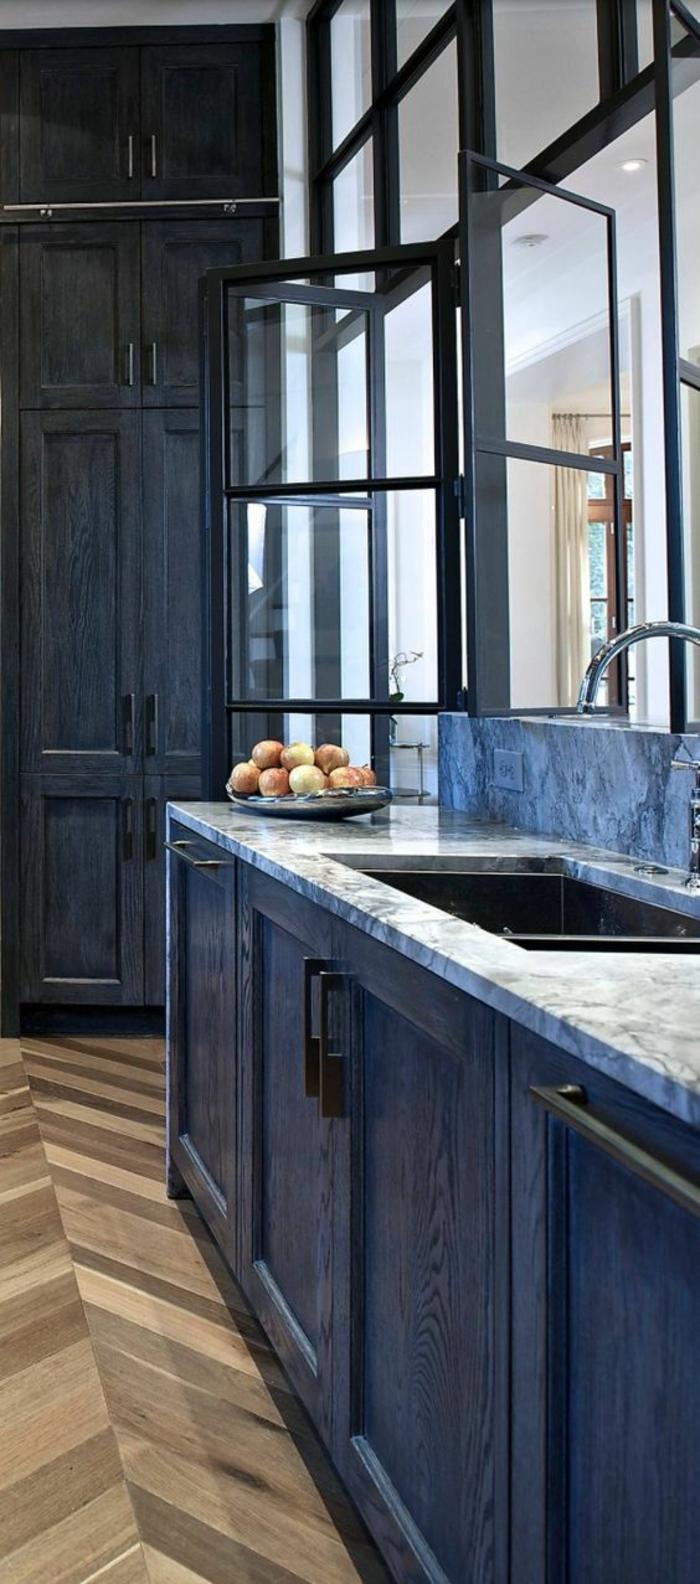 cuisine noir et bois avec du parquet au sol et zone lavabo en revetement style marbre